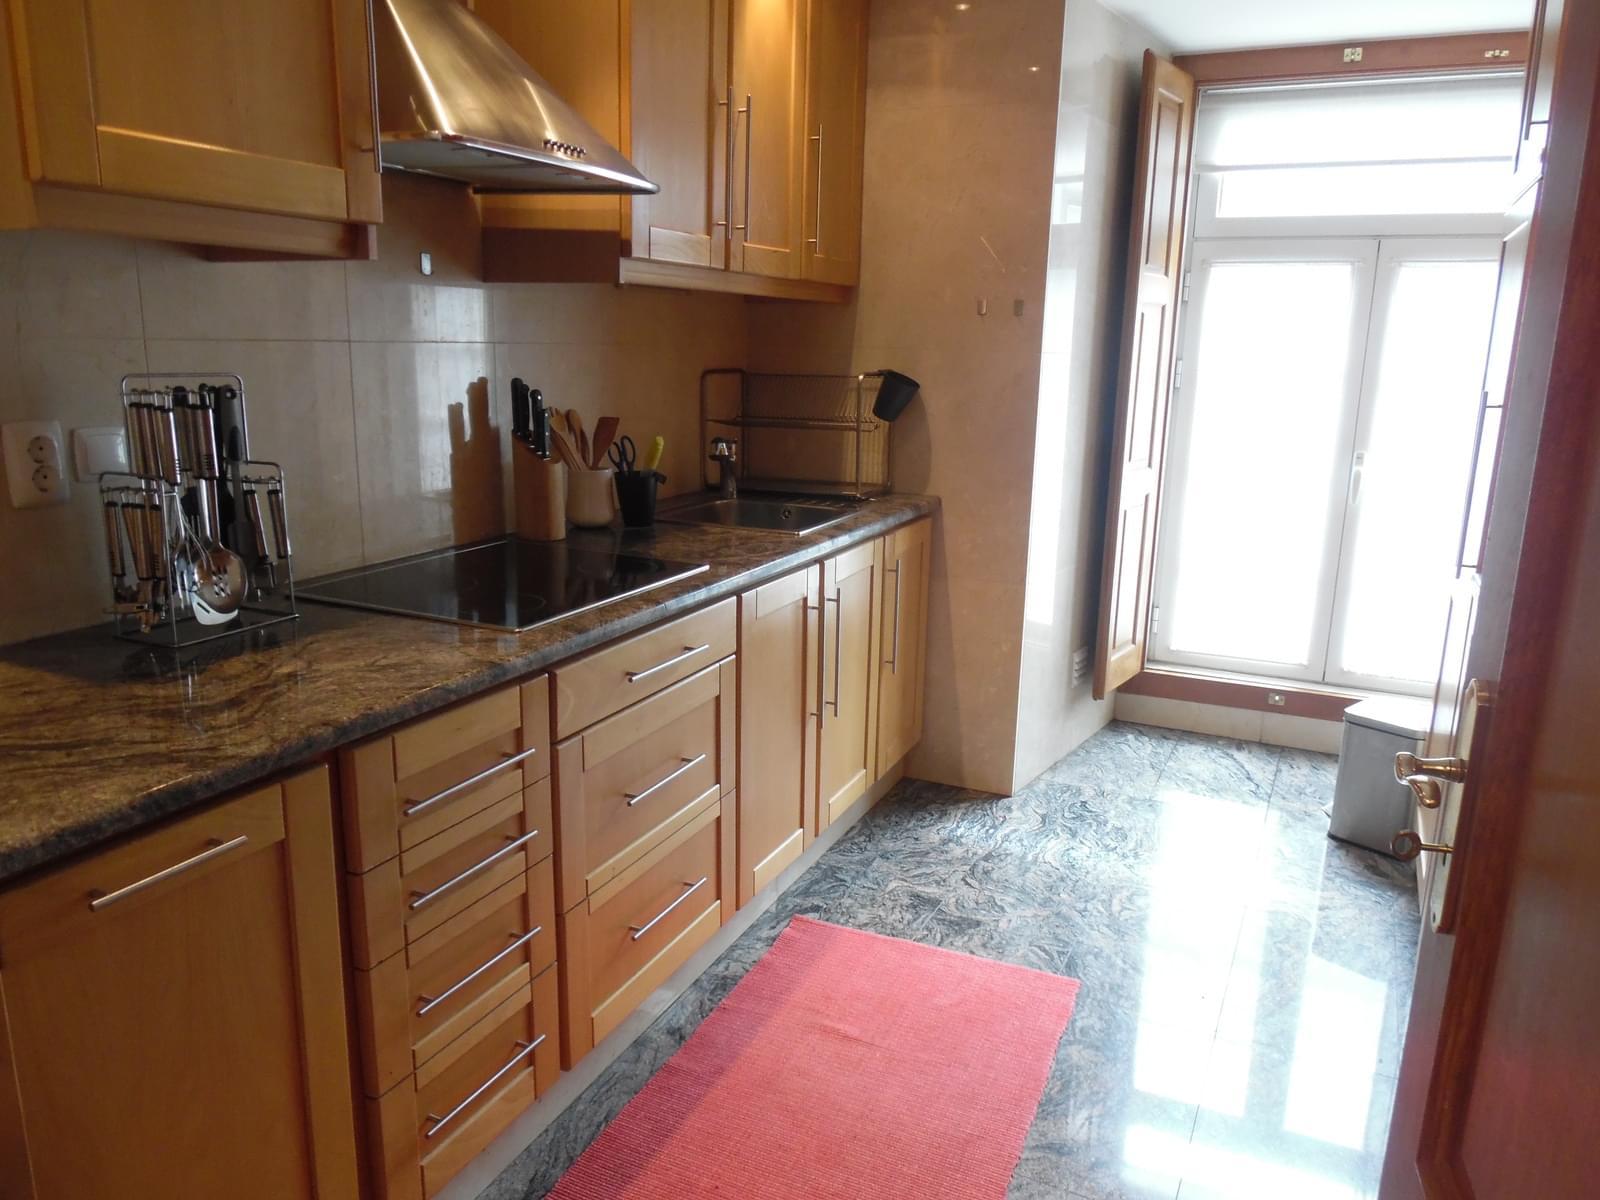 pf16905-apartamento-t1-lisboa-2e328b3a-a4e6-41e9-a478-aadec8519c58